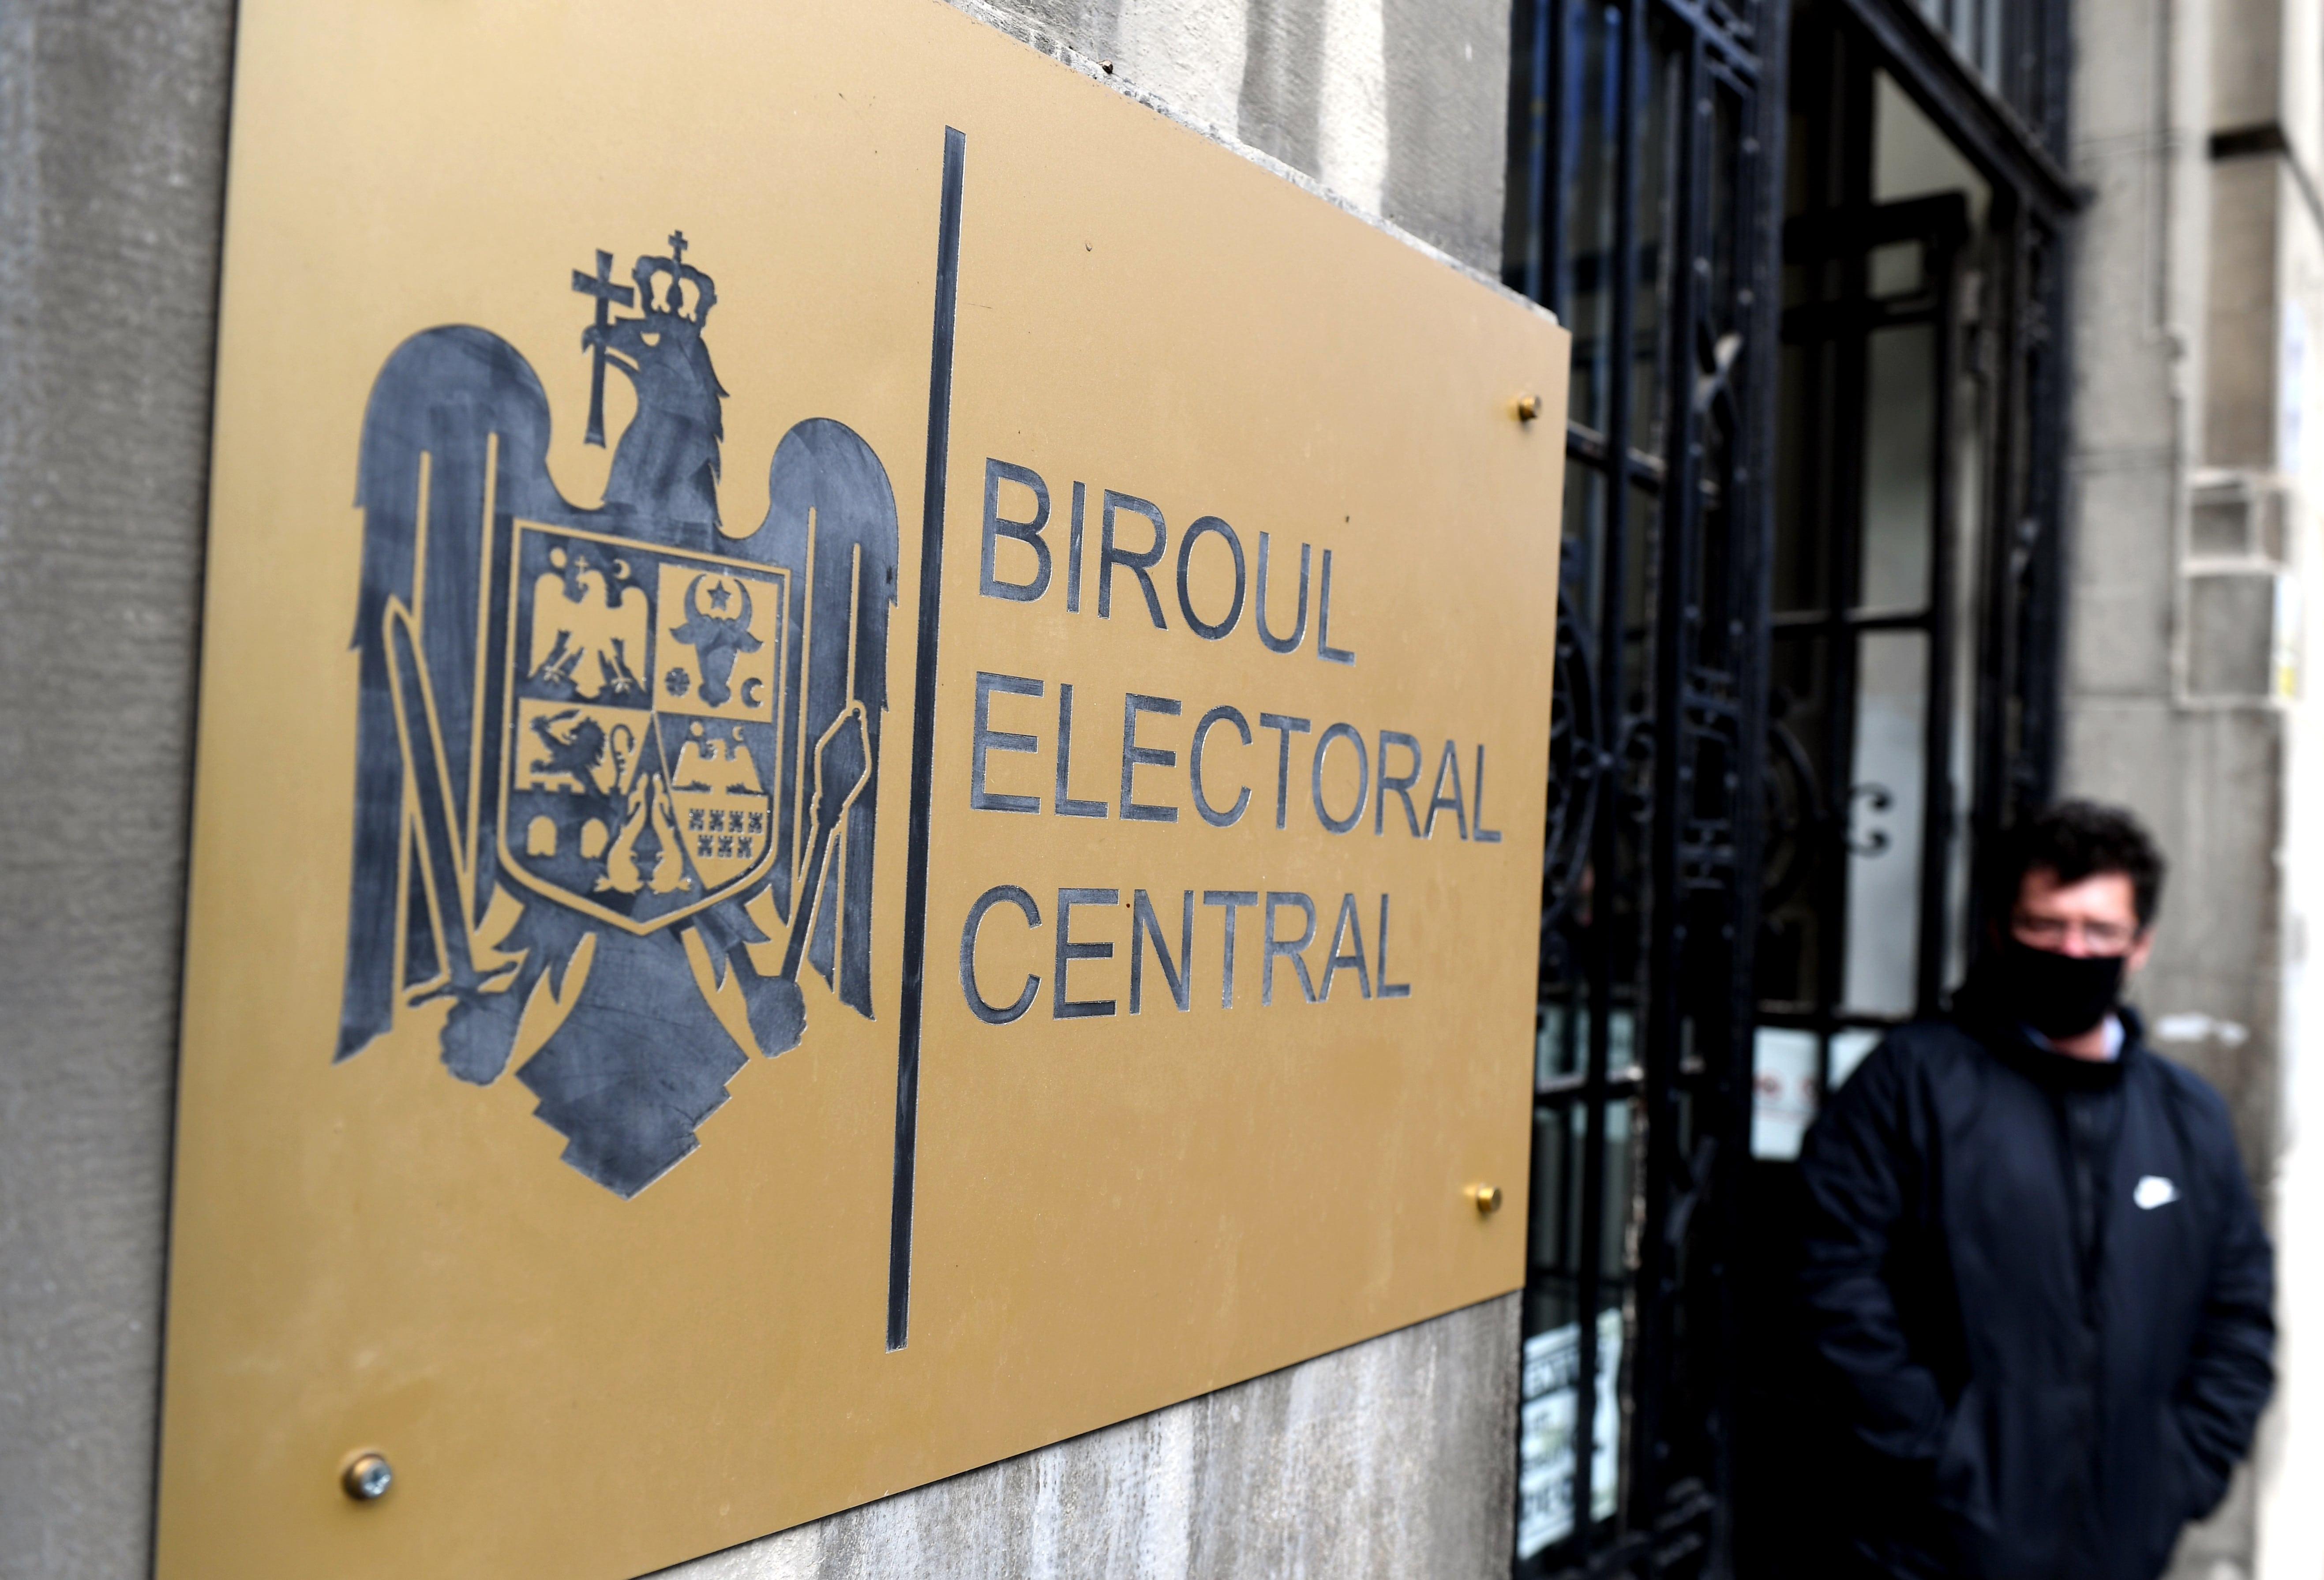 Alegeri parlamentare 2020. Joi este termenul limită pentru depunerea listelor de candidaţi